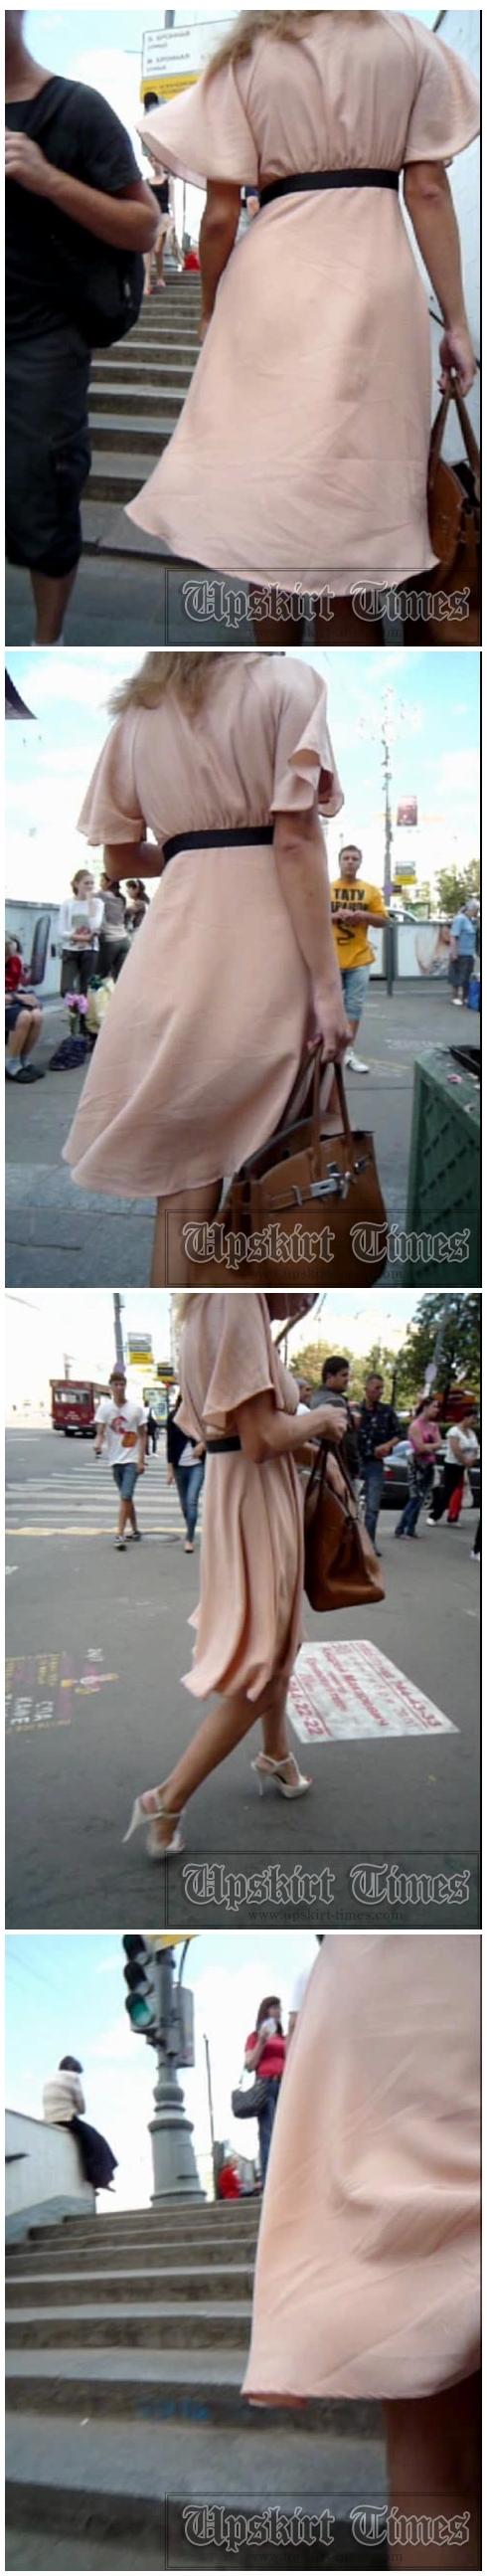 Upskirt-Times0229_cover.jpg